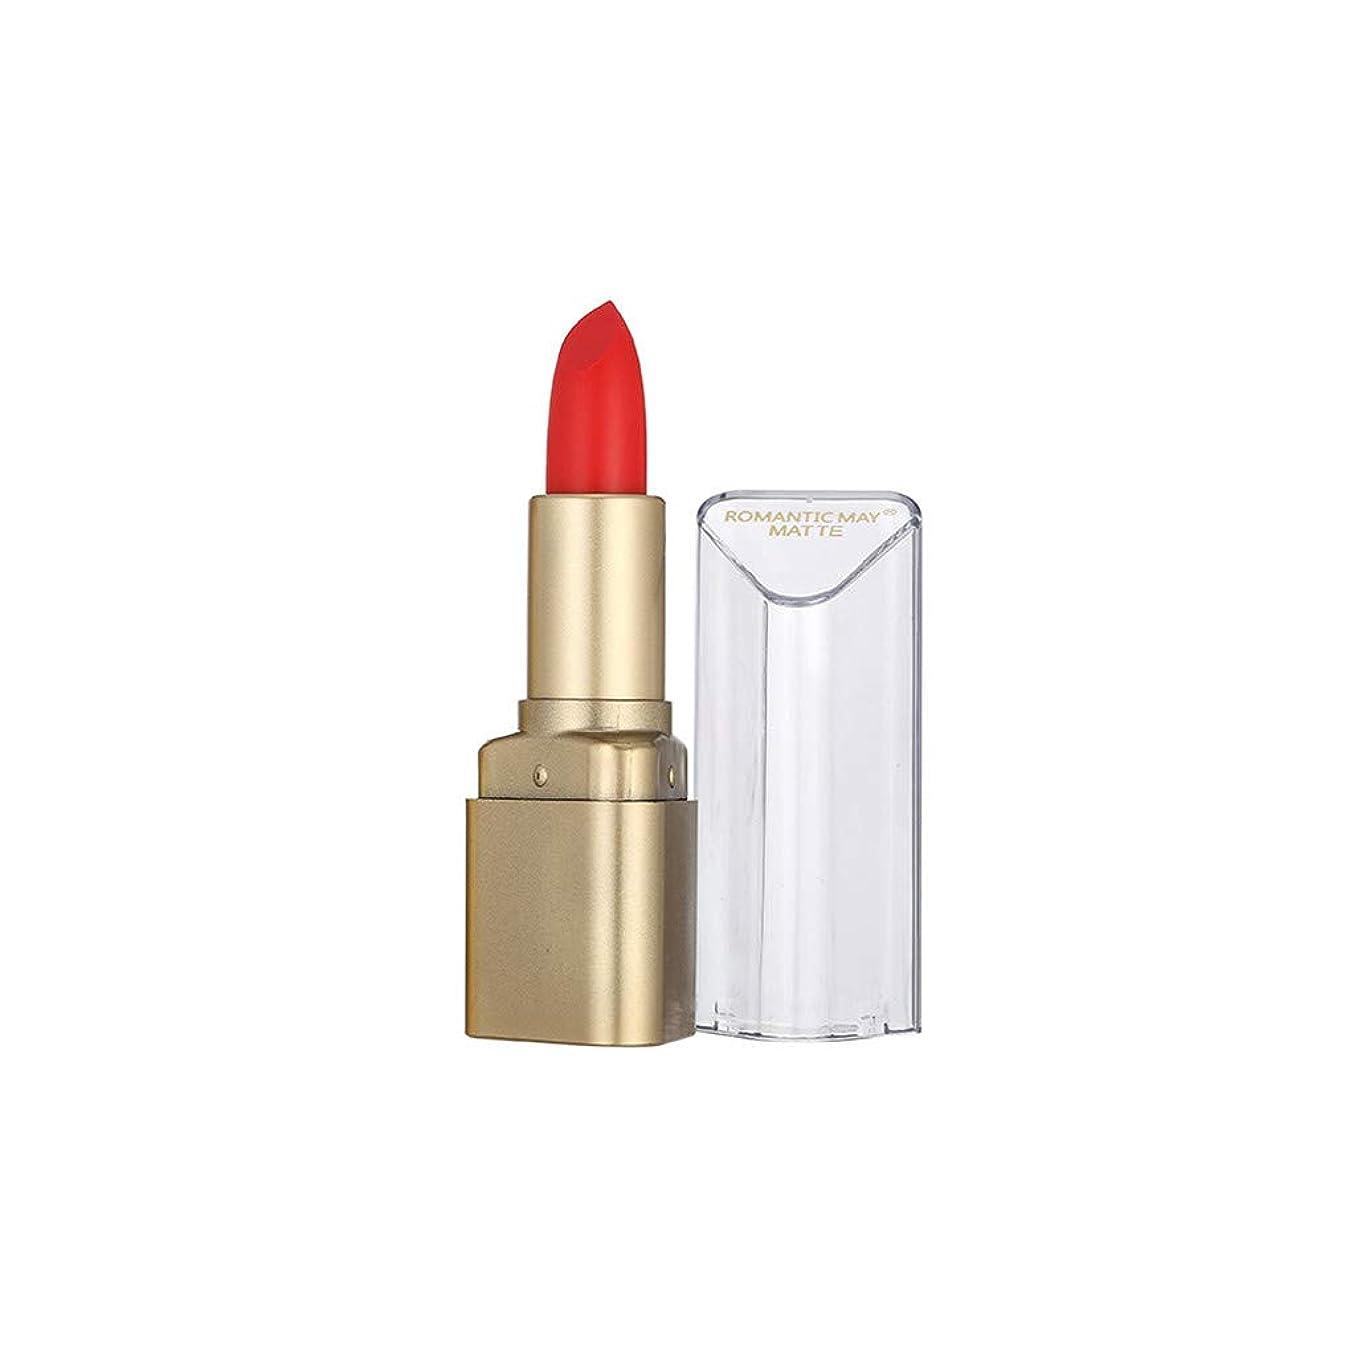 輝く革新リマークビューティー 口紅 Jopinica 12色レッド系リップスティック うるおいゴールドチューブ口紅リップリップグロス化粧 安い長持ち 持ち運び便利 保湿ルージュ カラー 落ちにくい口紅 ラスティンググロスリップ ツヤ